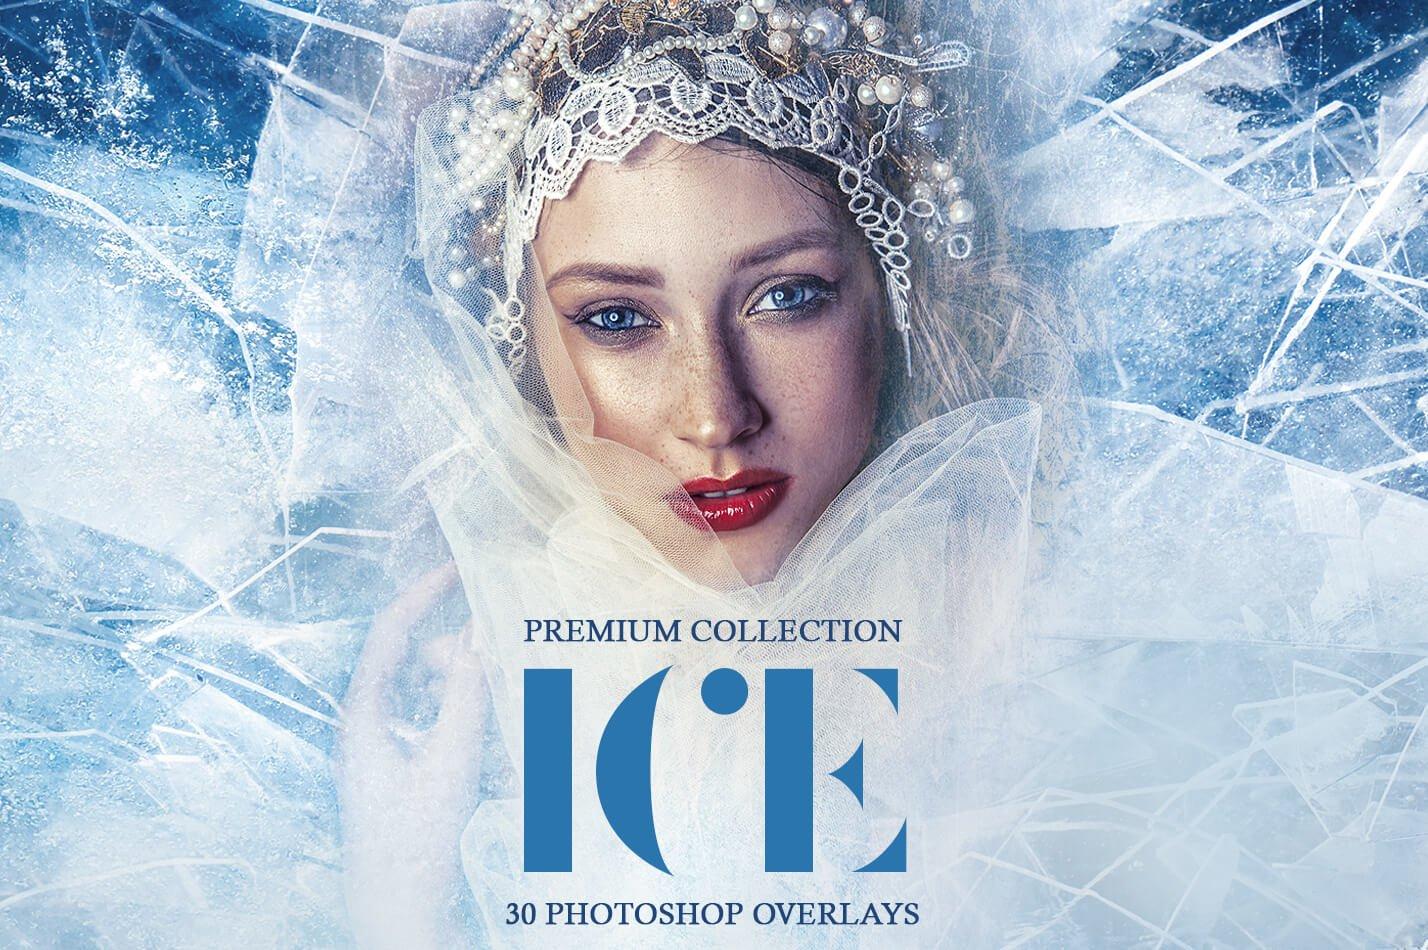 30款高清冬季冰雪PS叠加层背景图片素材 Ice Photoshop Overlays插图